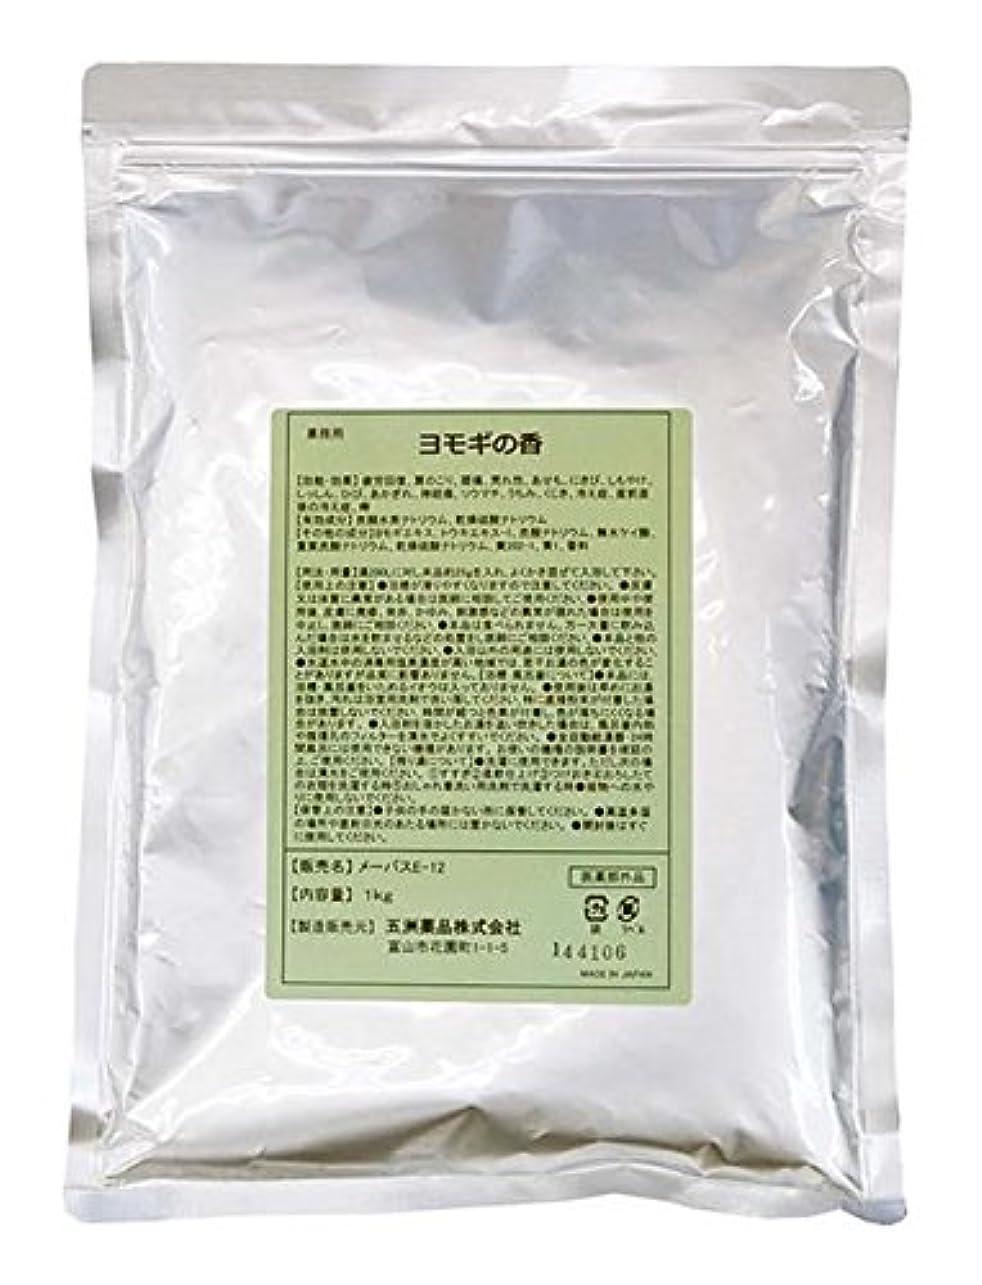 グレートバリアリーフ性能季節薬用入浴剤 業務用 ヨモギの香 1kg [医薬部外品]